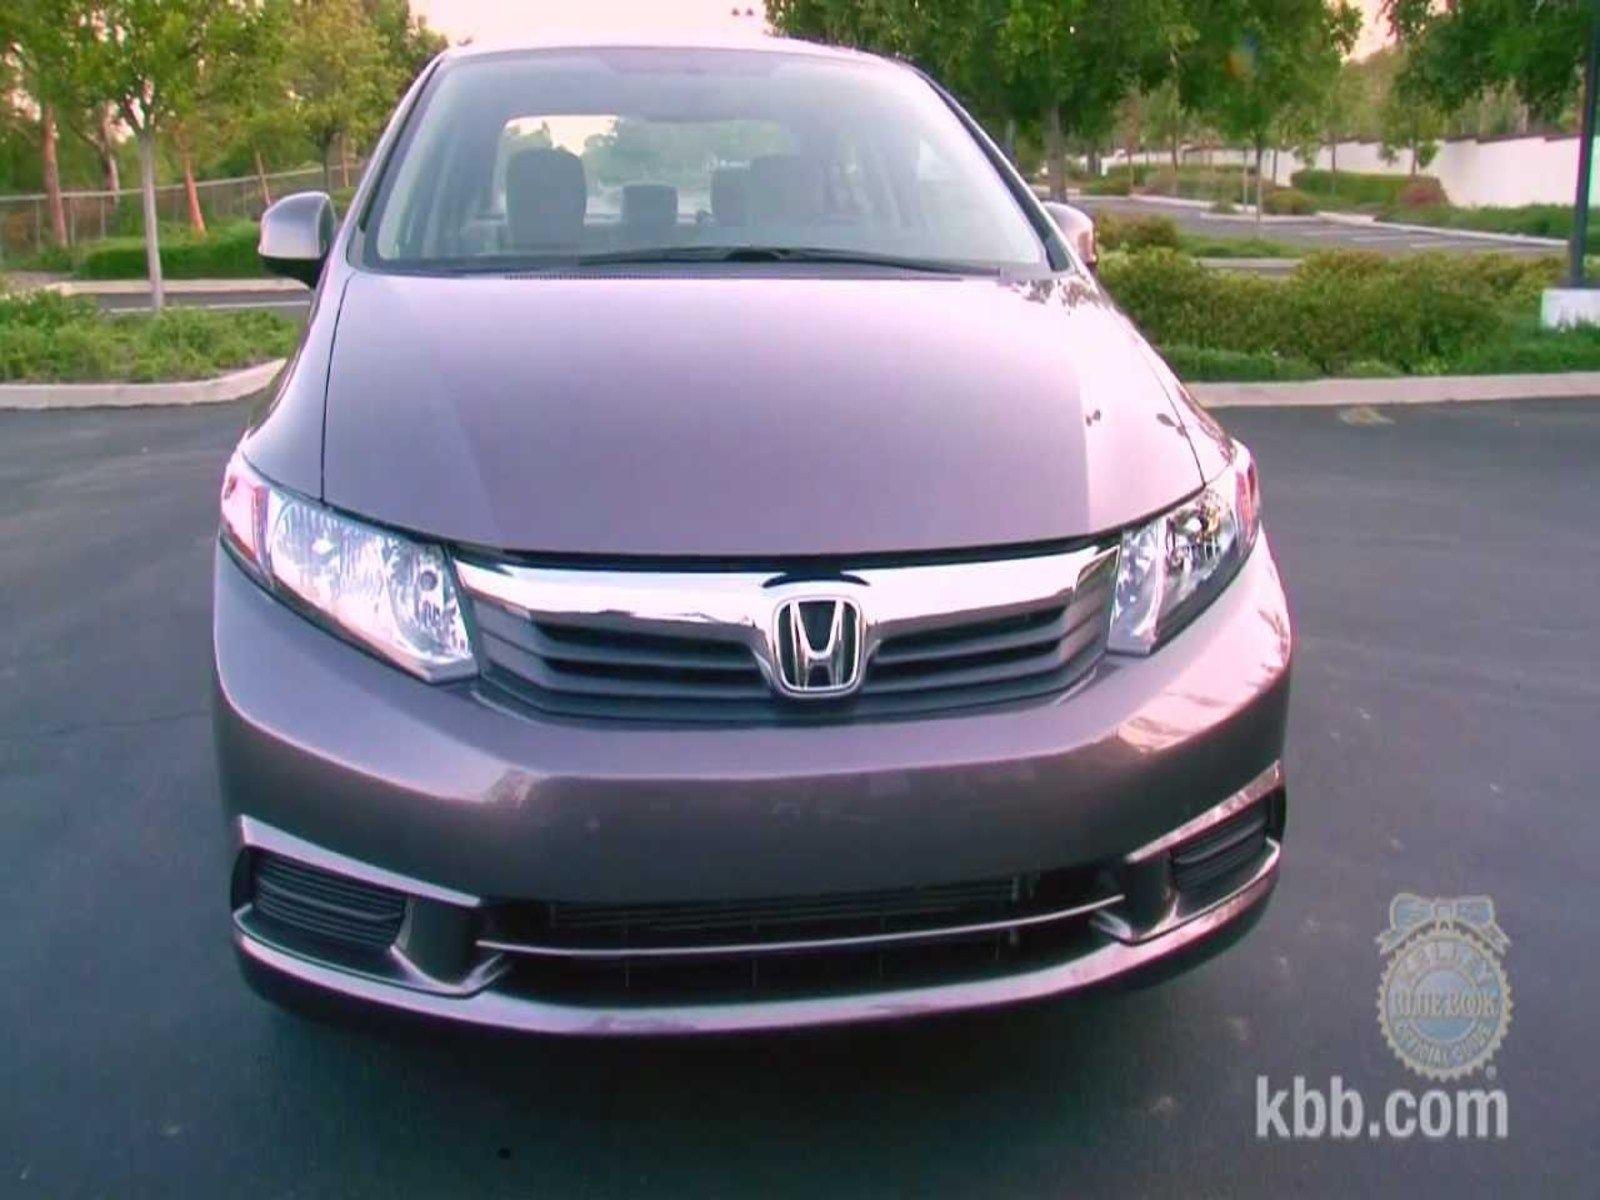 Blue Book Price for 2012 Honda Civic Honda civic, Honda